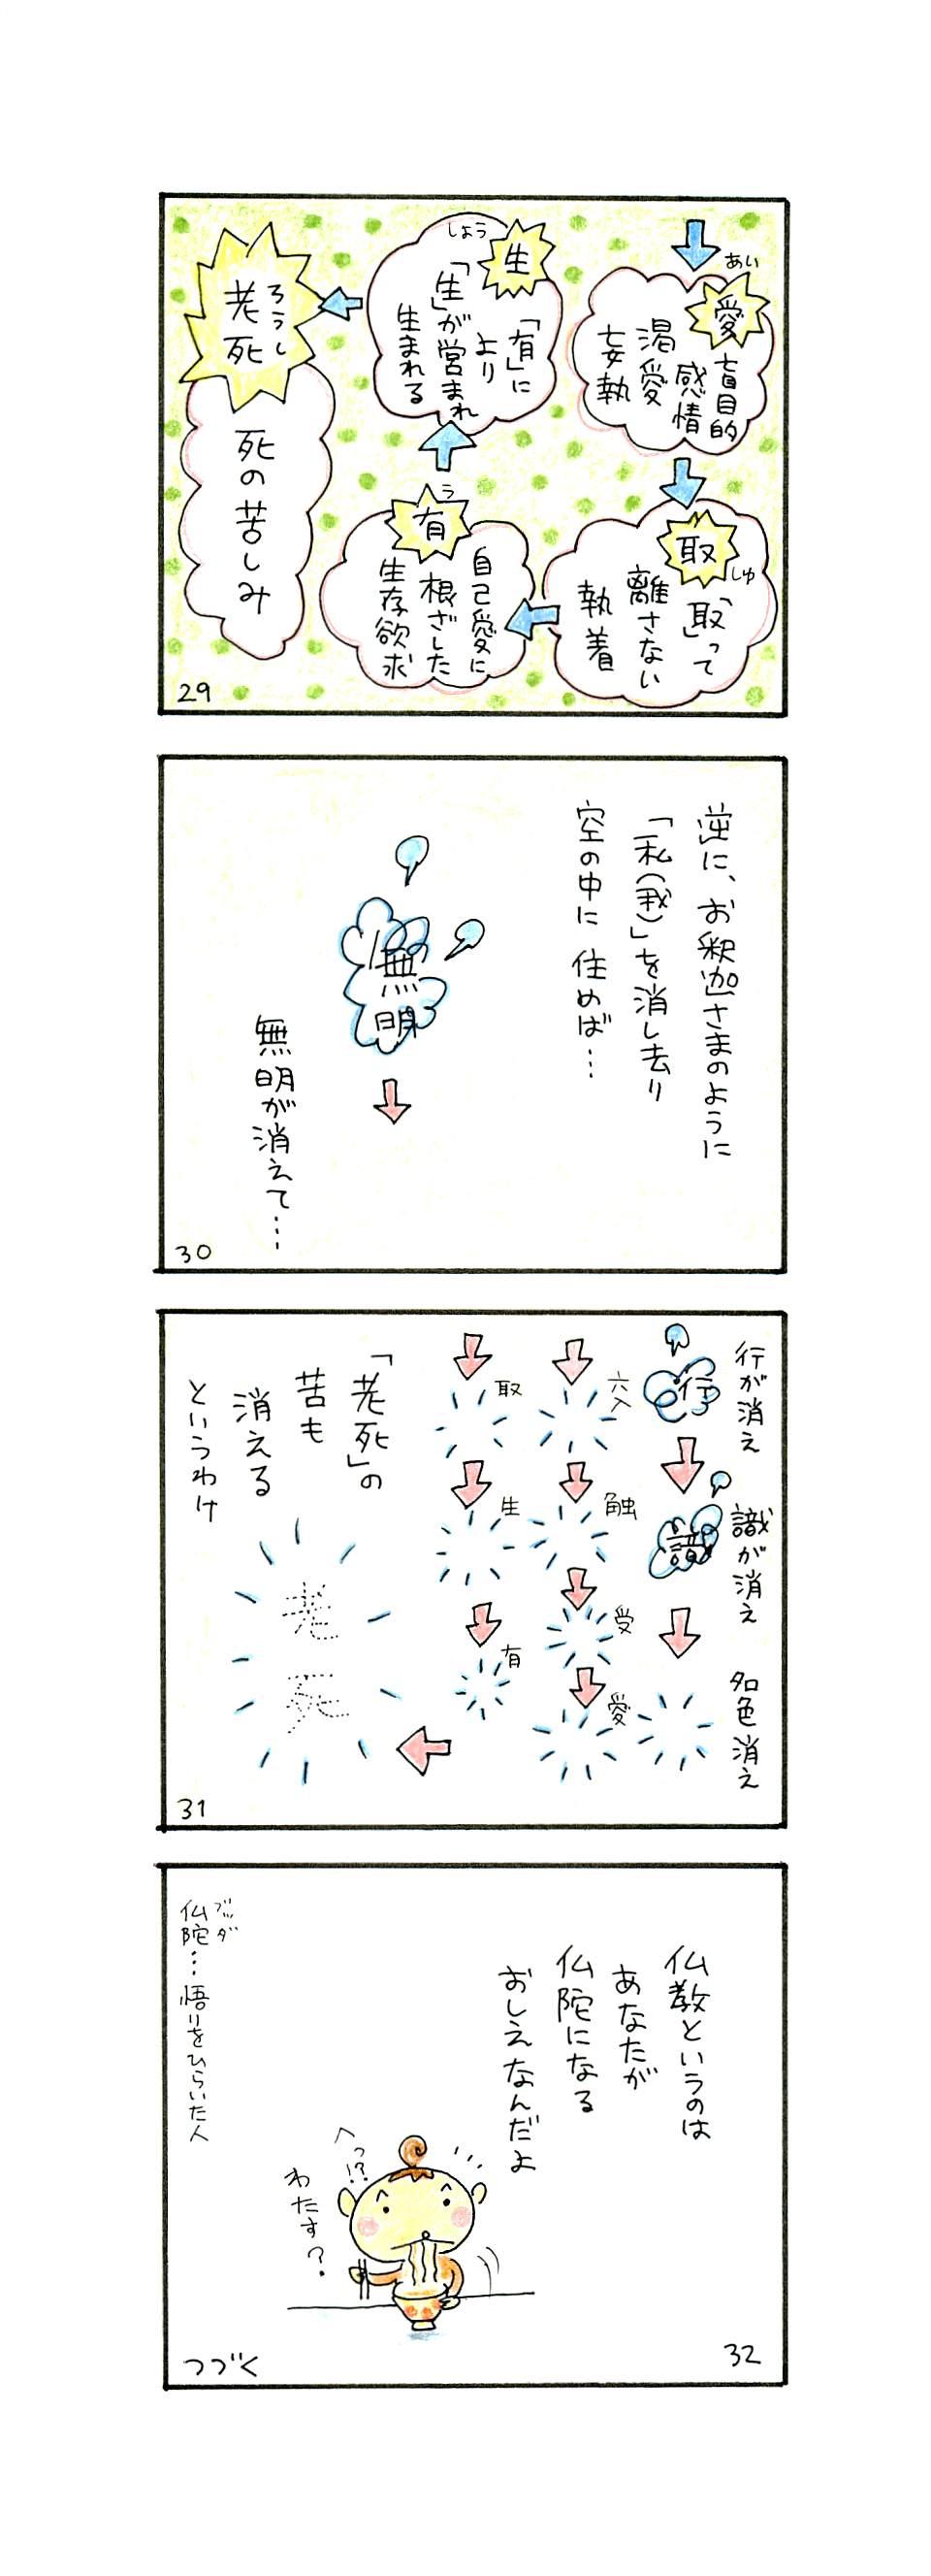 般若心経「無明」p29-p32